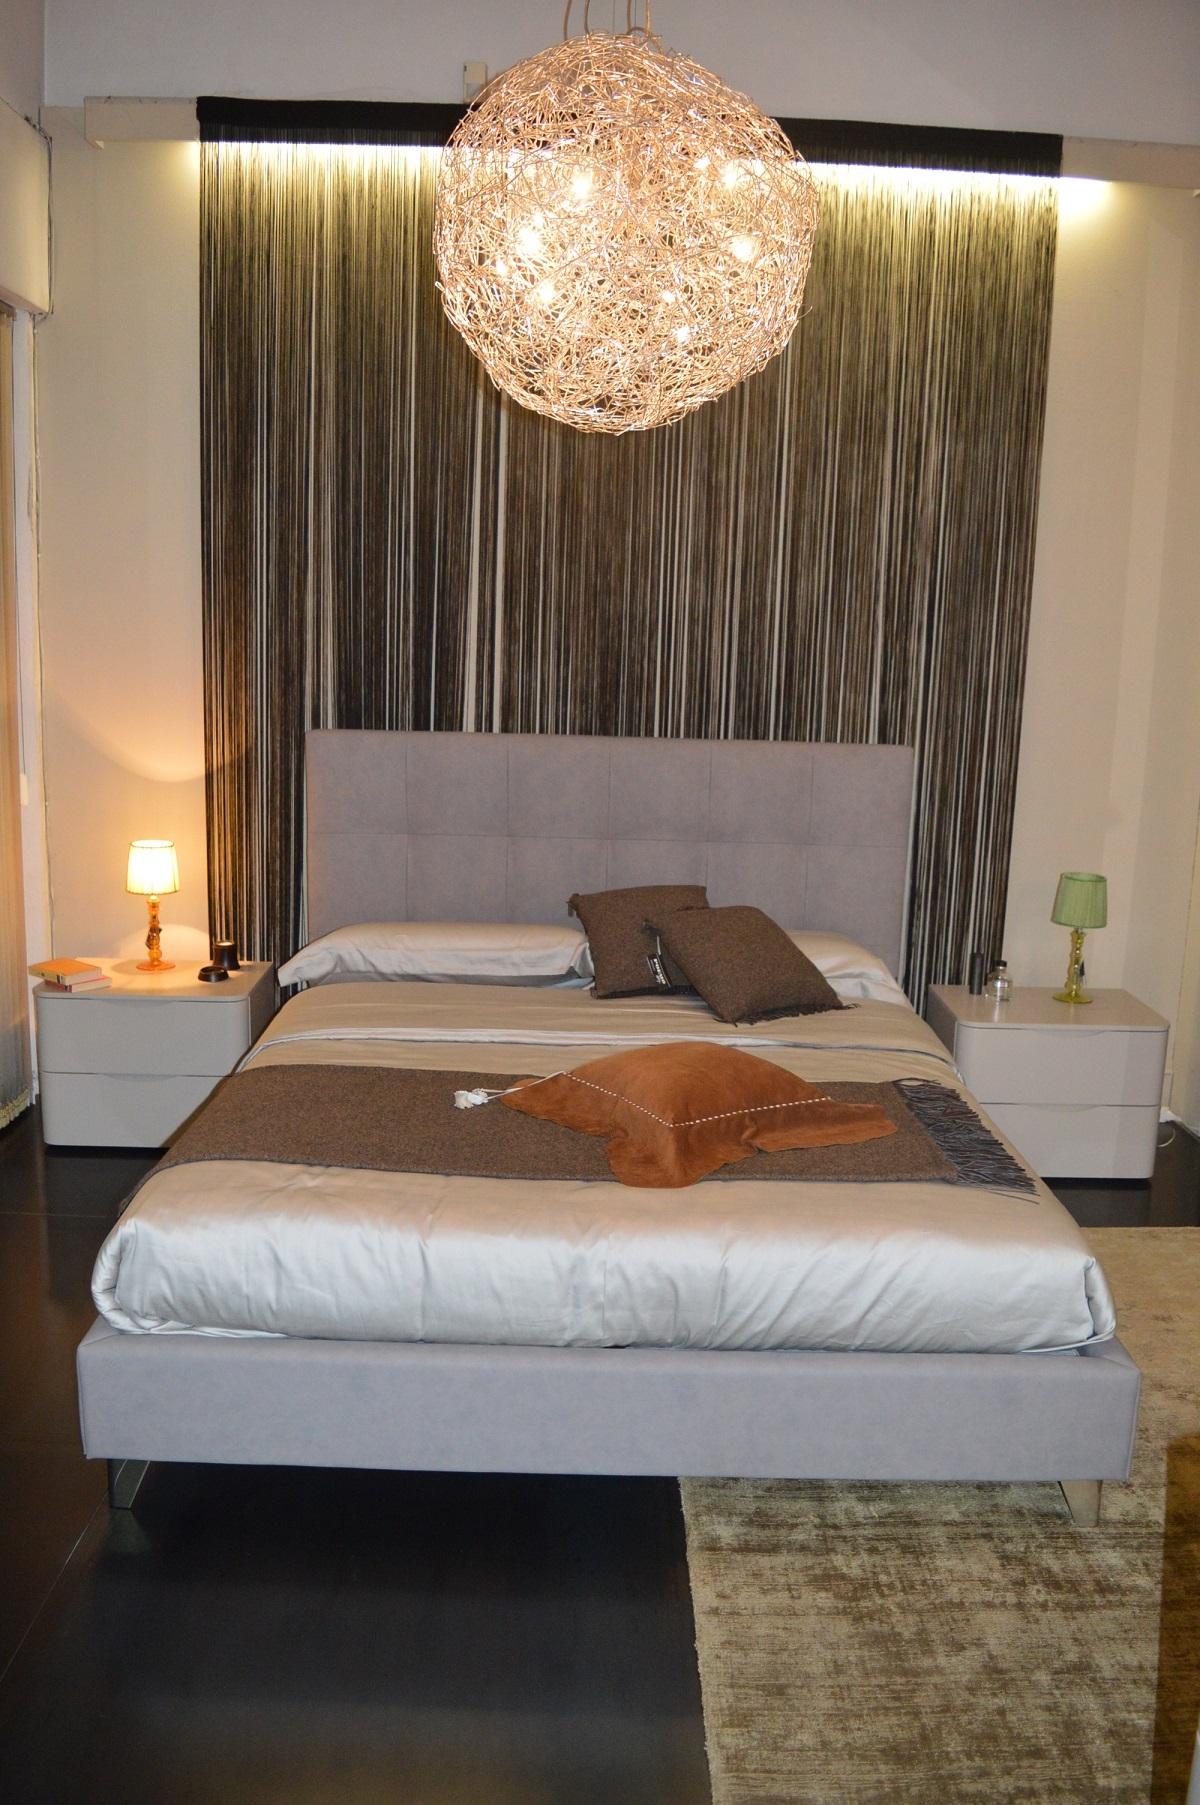 lampada a sospensione catellani smith fil de fer. Black Bedroom Furniture Sets. Home Design Ideas